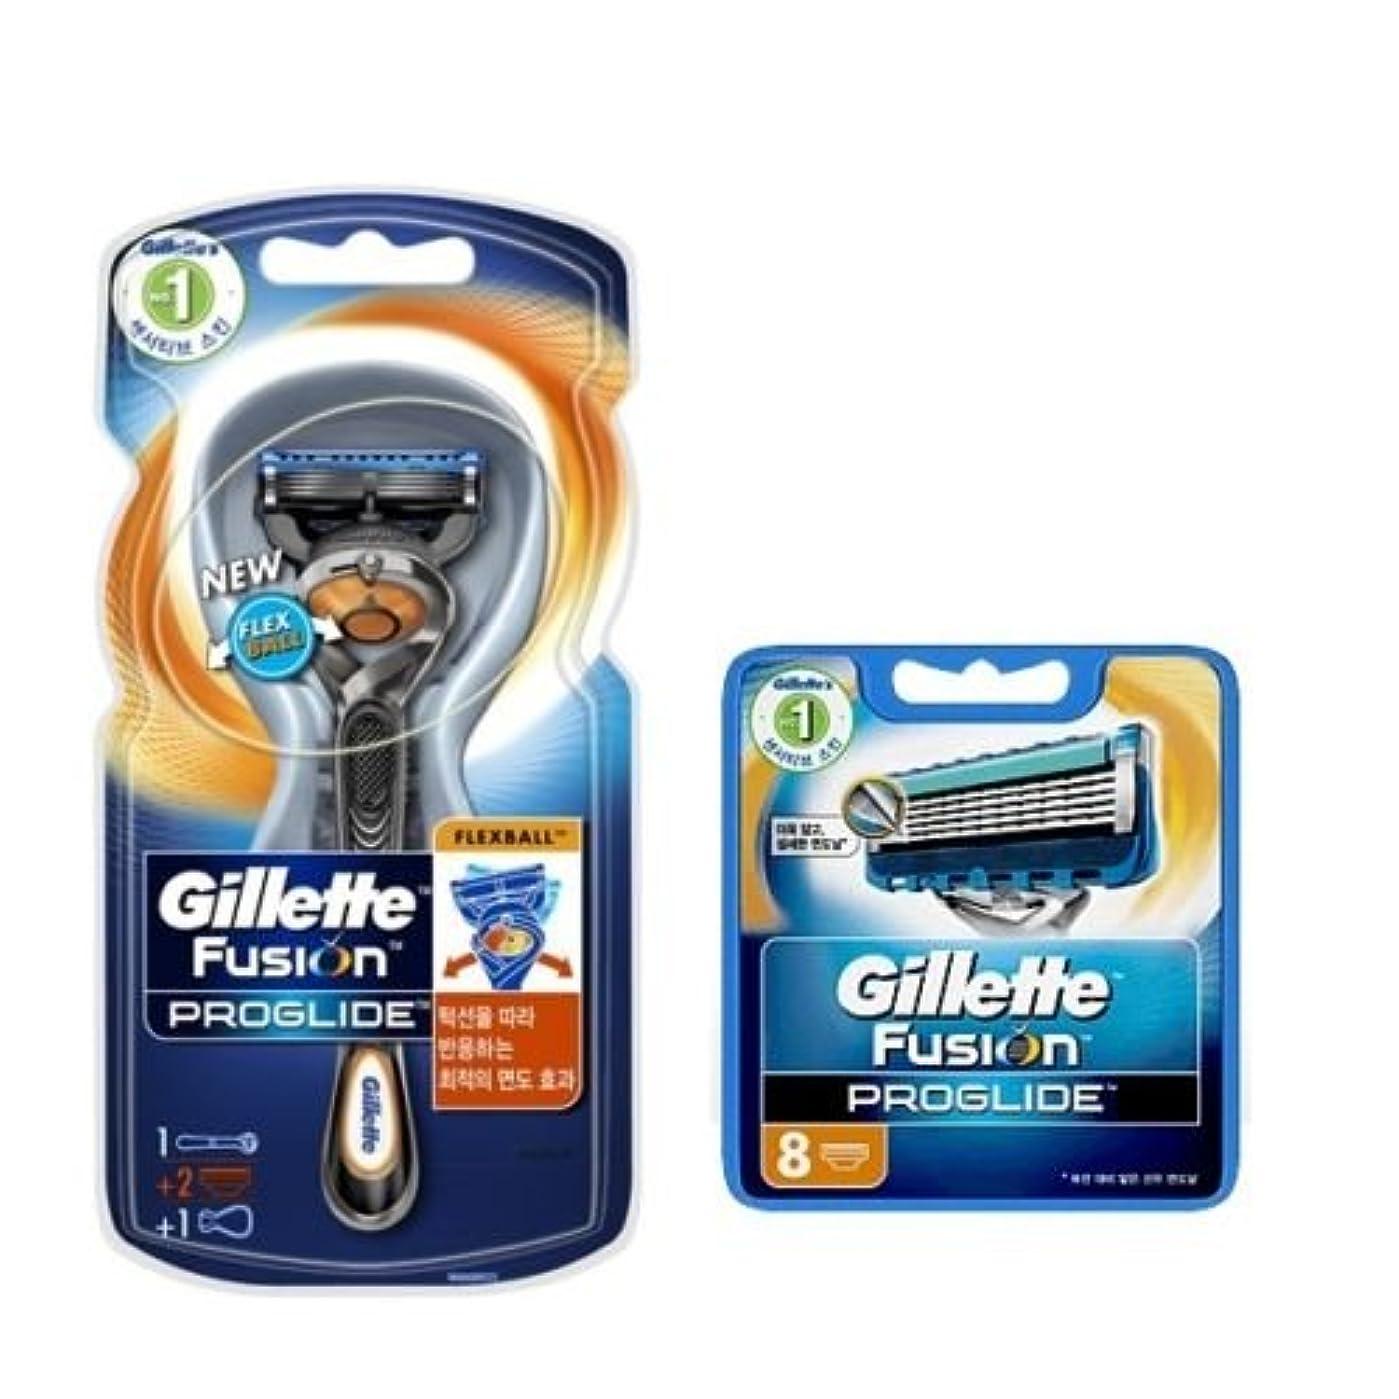 遅滞パイントギャングGillette Fusion Proglide Flexball Manual メンズ1剃刀10剃刀刃 [並行輸入品]